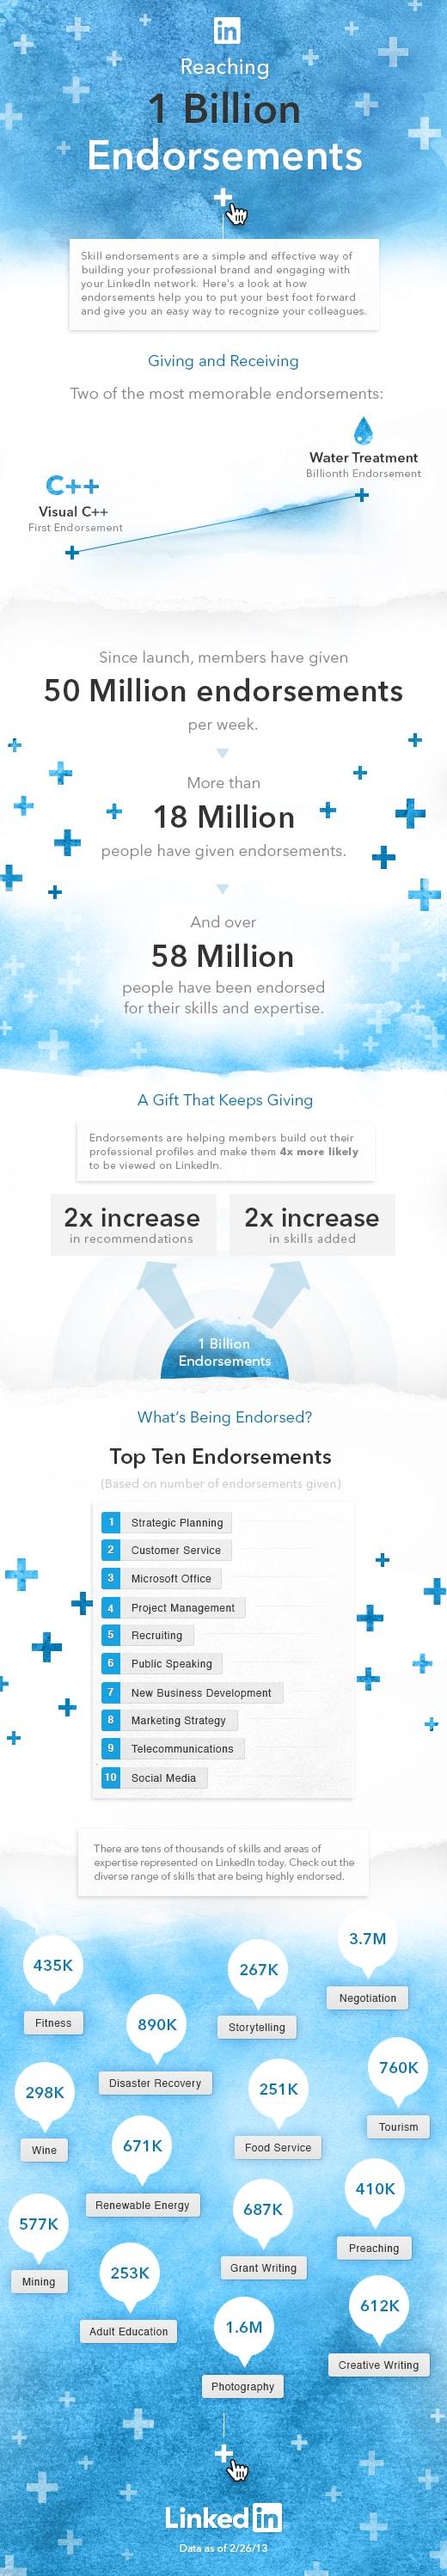 1-Billion-Endorsements-Infographic